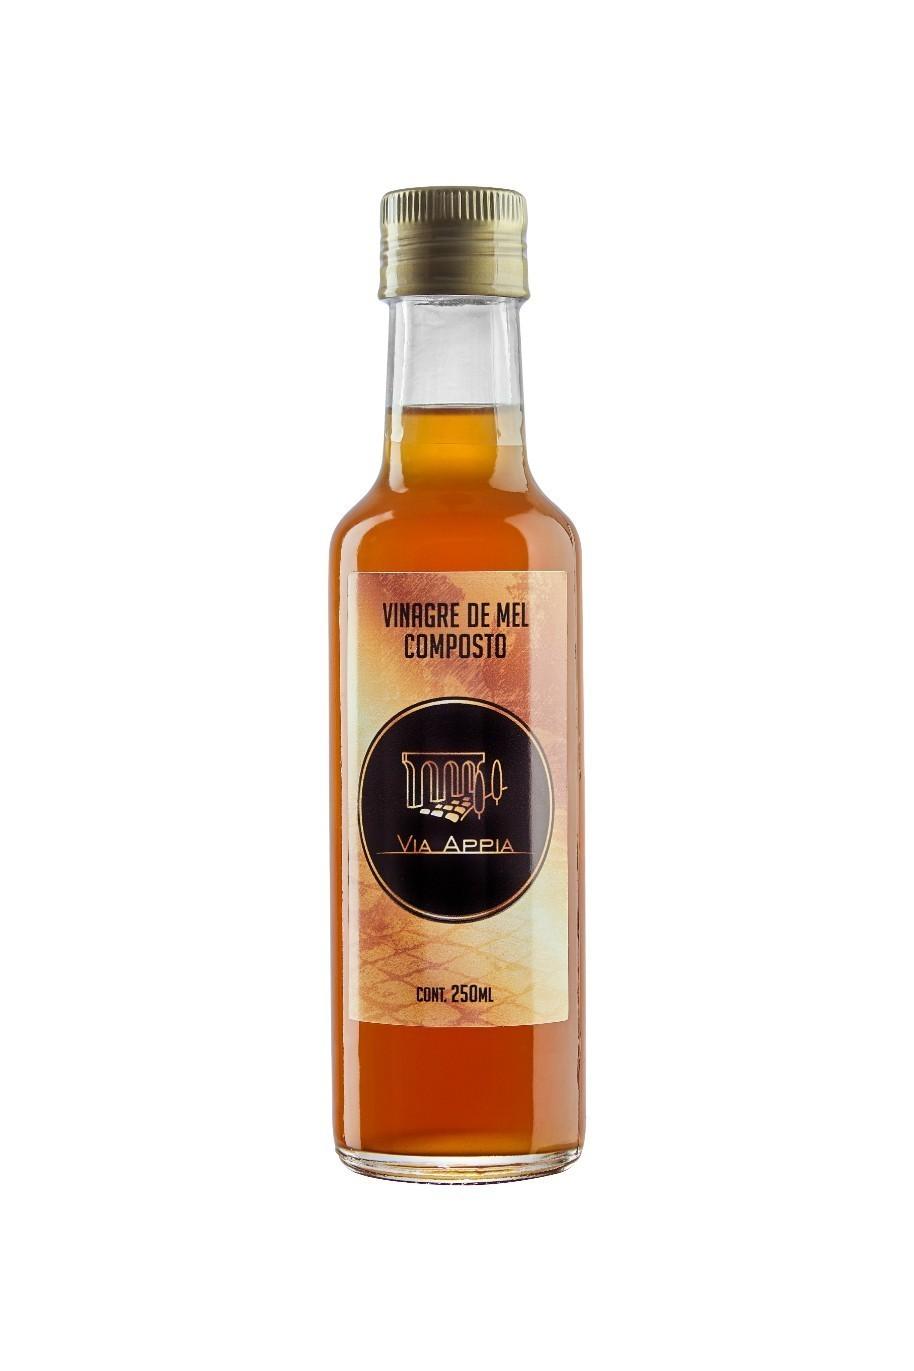 Vinagre de mel composto